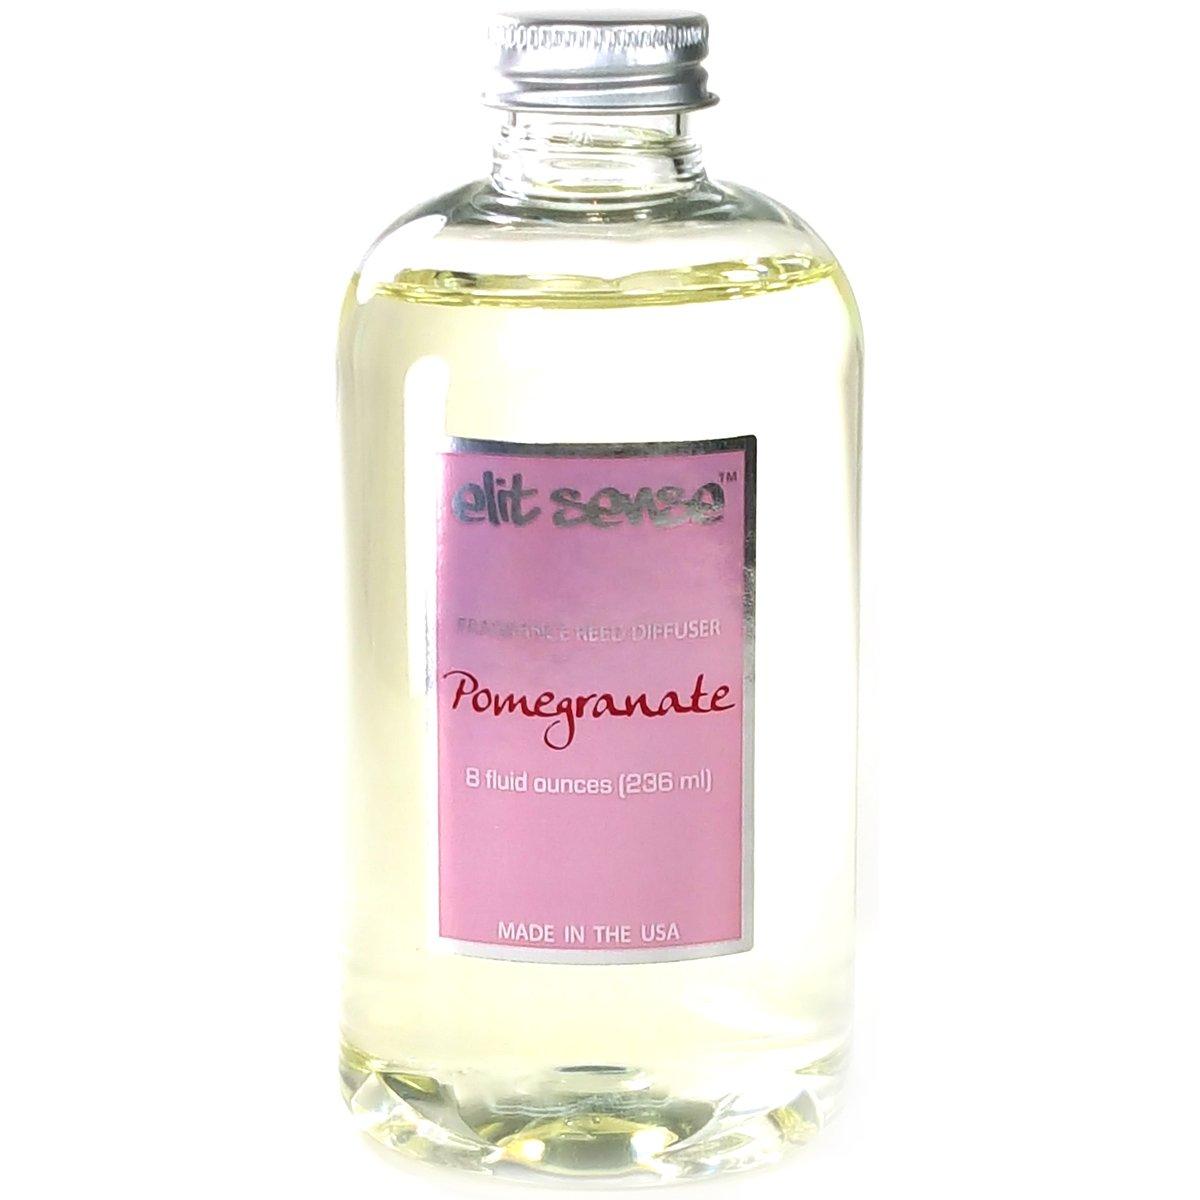 Pomegranate Reed Diffuser Refill Oil, 8 oz